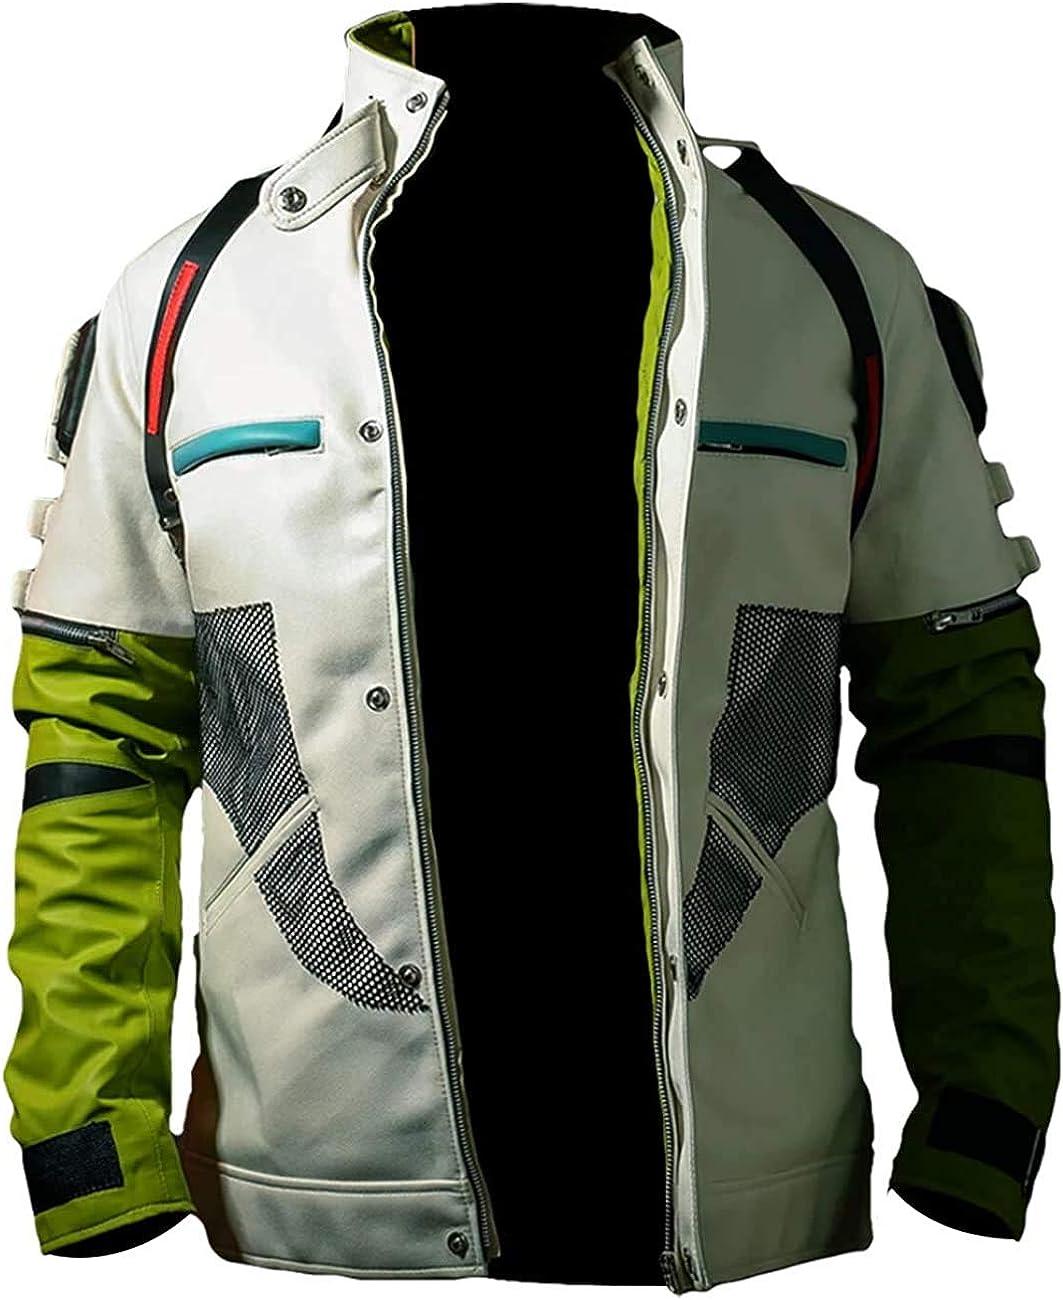 Fashion Apex Legends jacket - S05 Crypto Vignette Jacket For Men